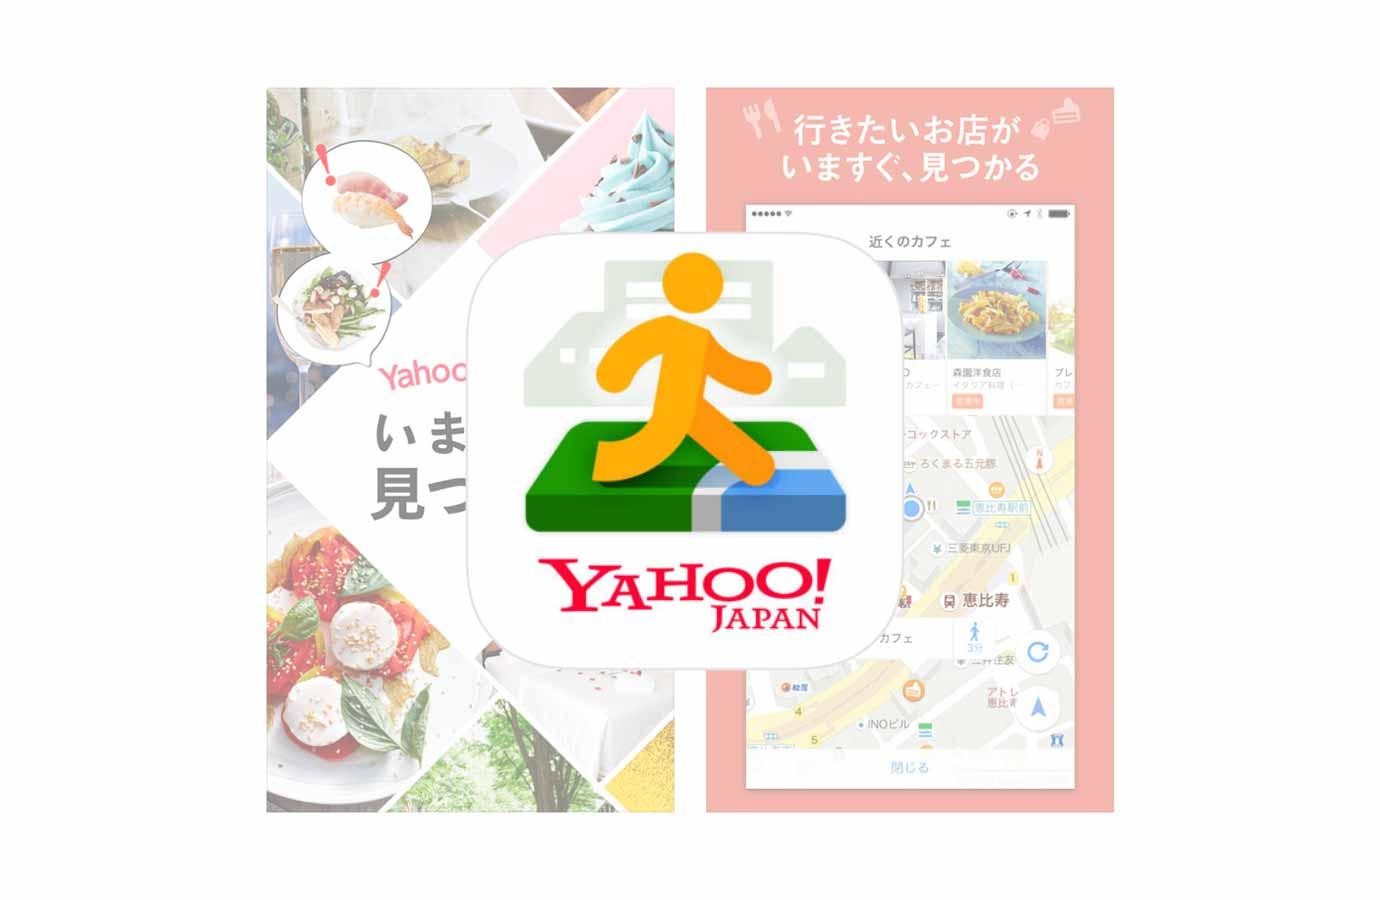 Yahoo Japan、ルート検索でバスルートの表示に対応したiOSアプリ「Yahoo! MAP 5.1.2」リリース